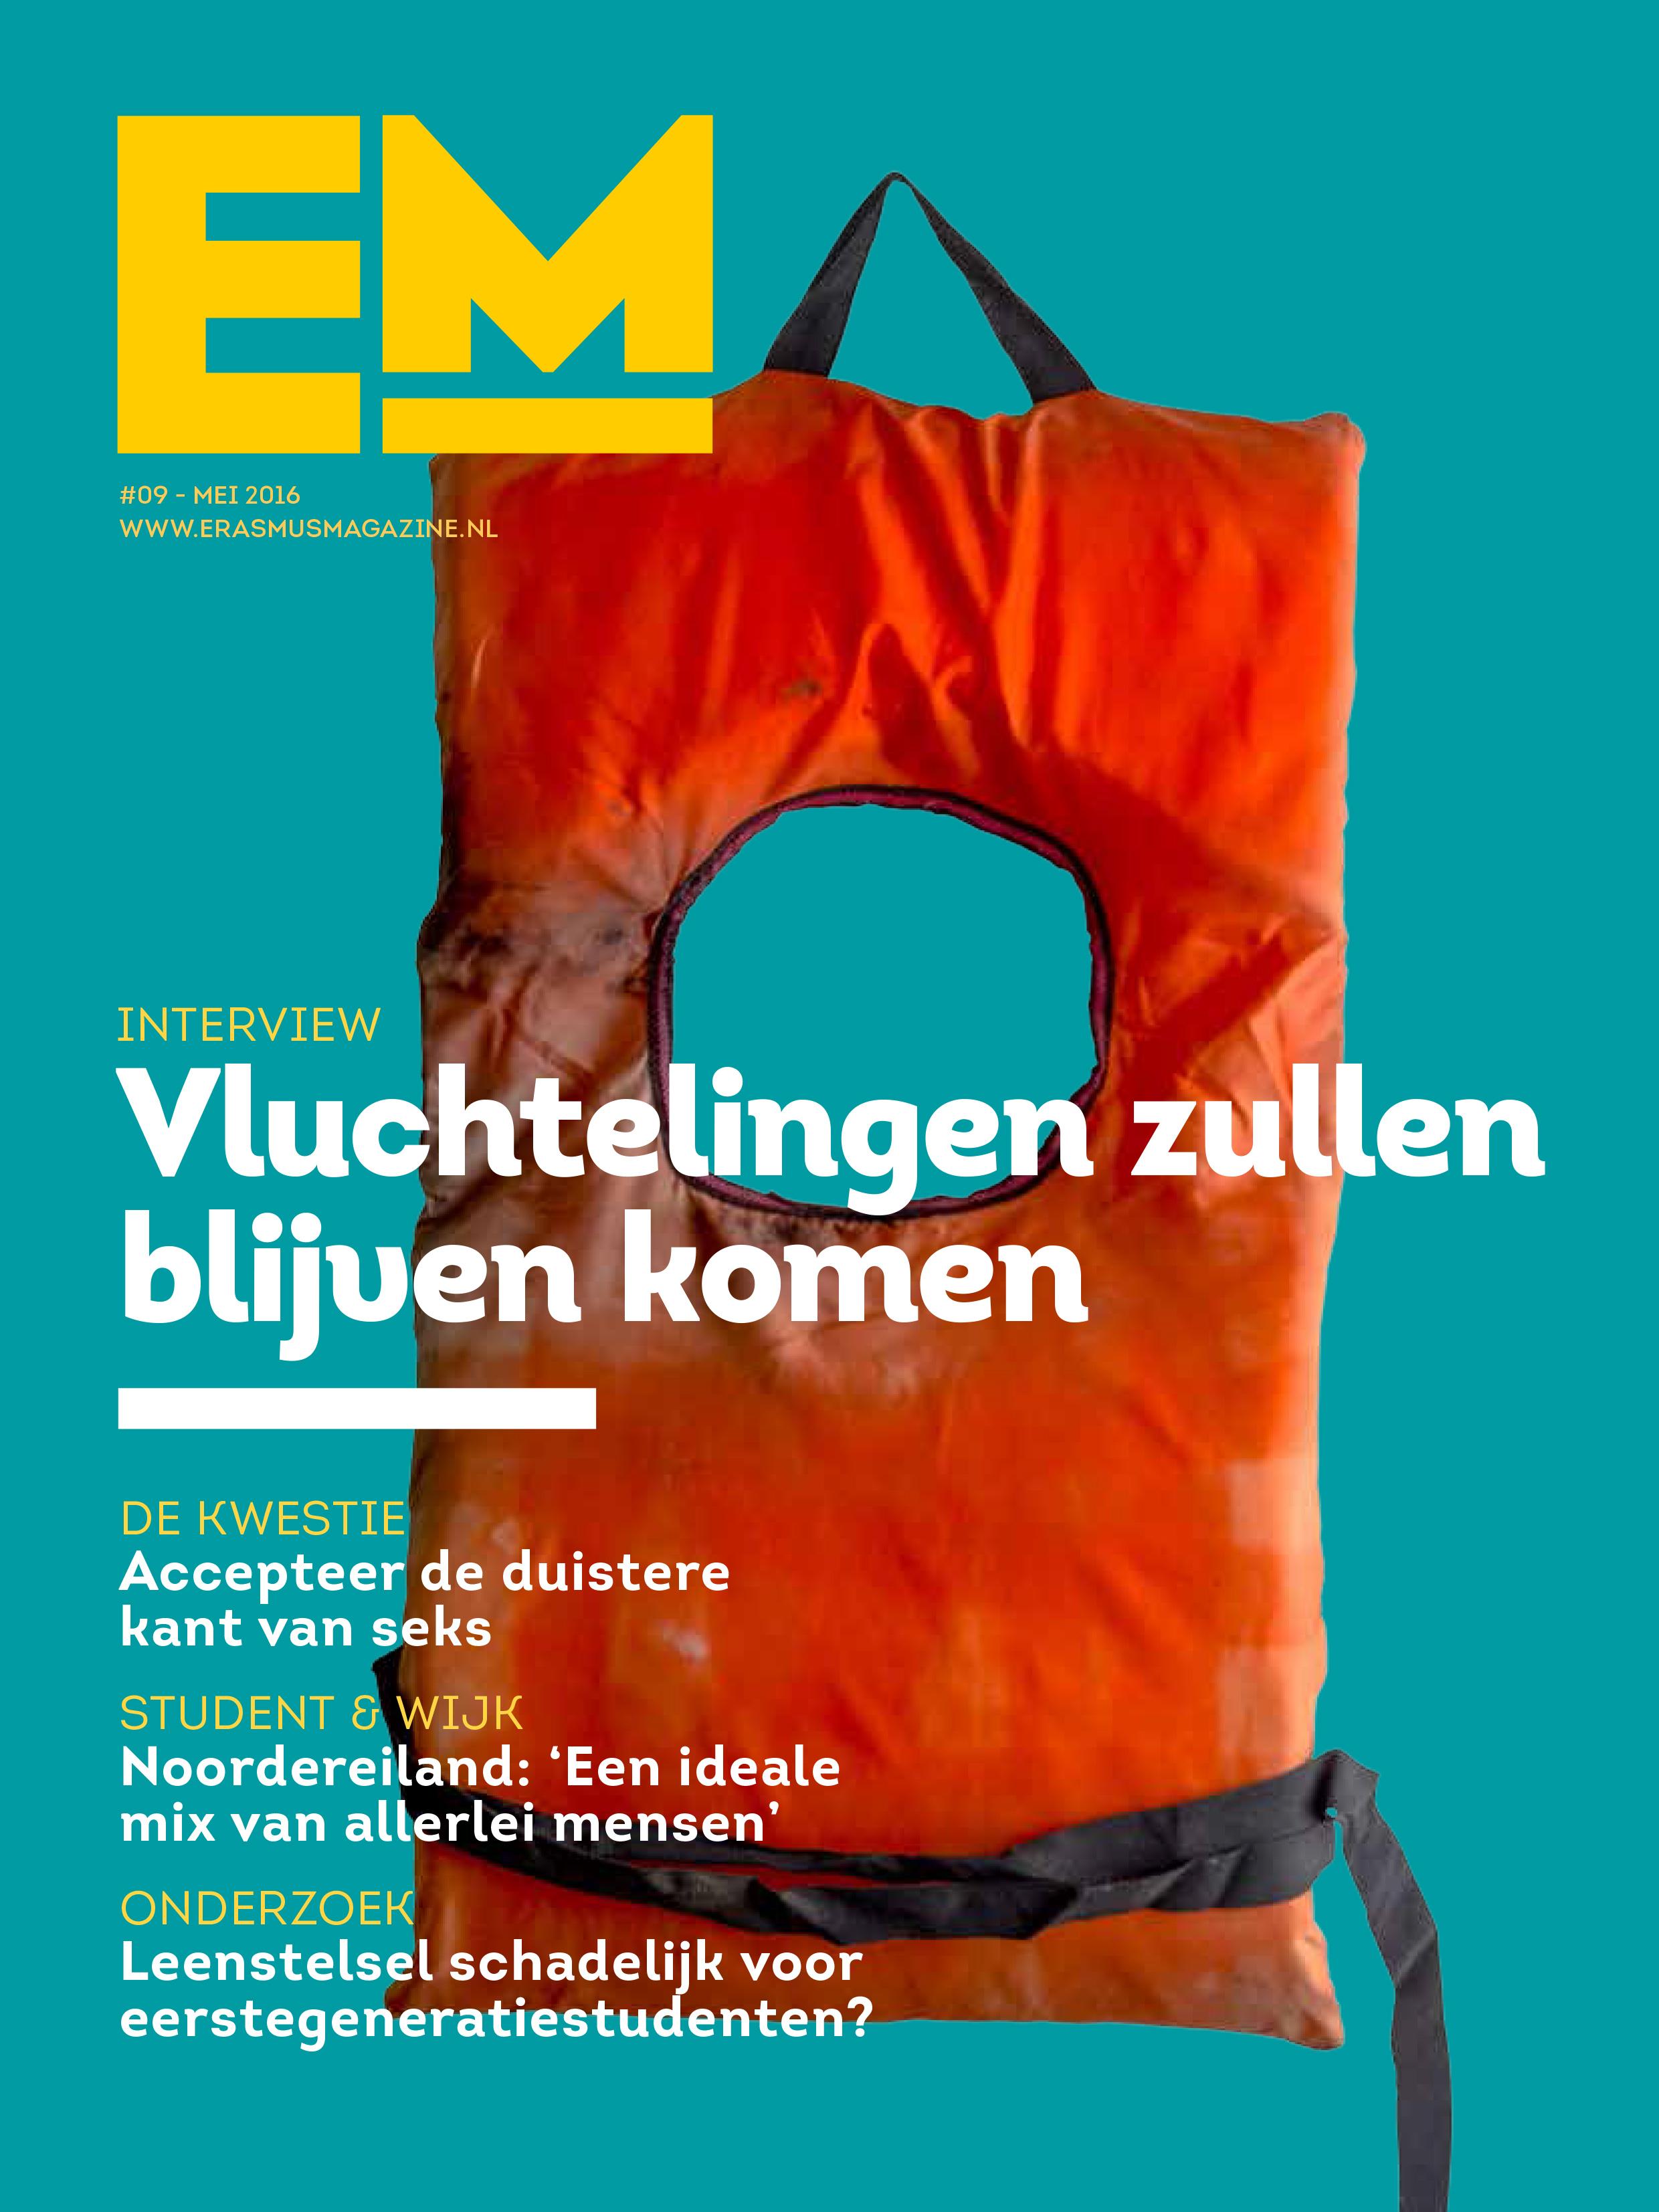 EM 09 – mei 2016-1 copy